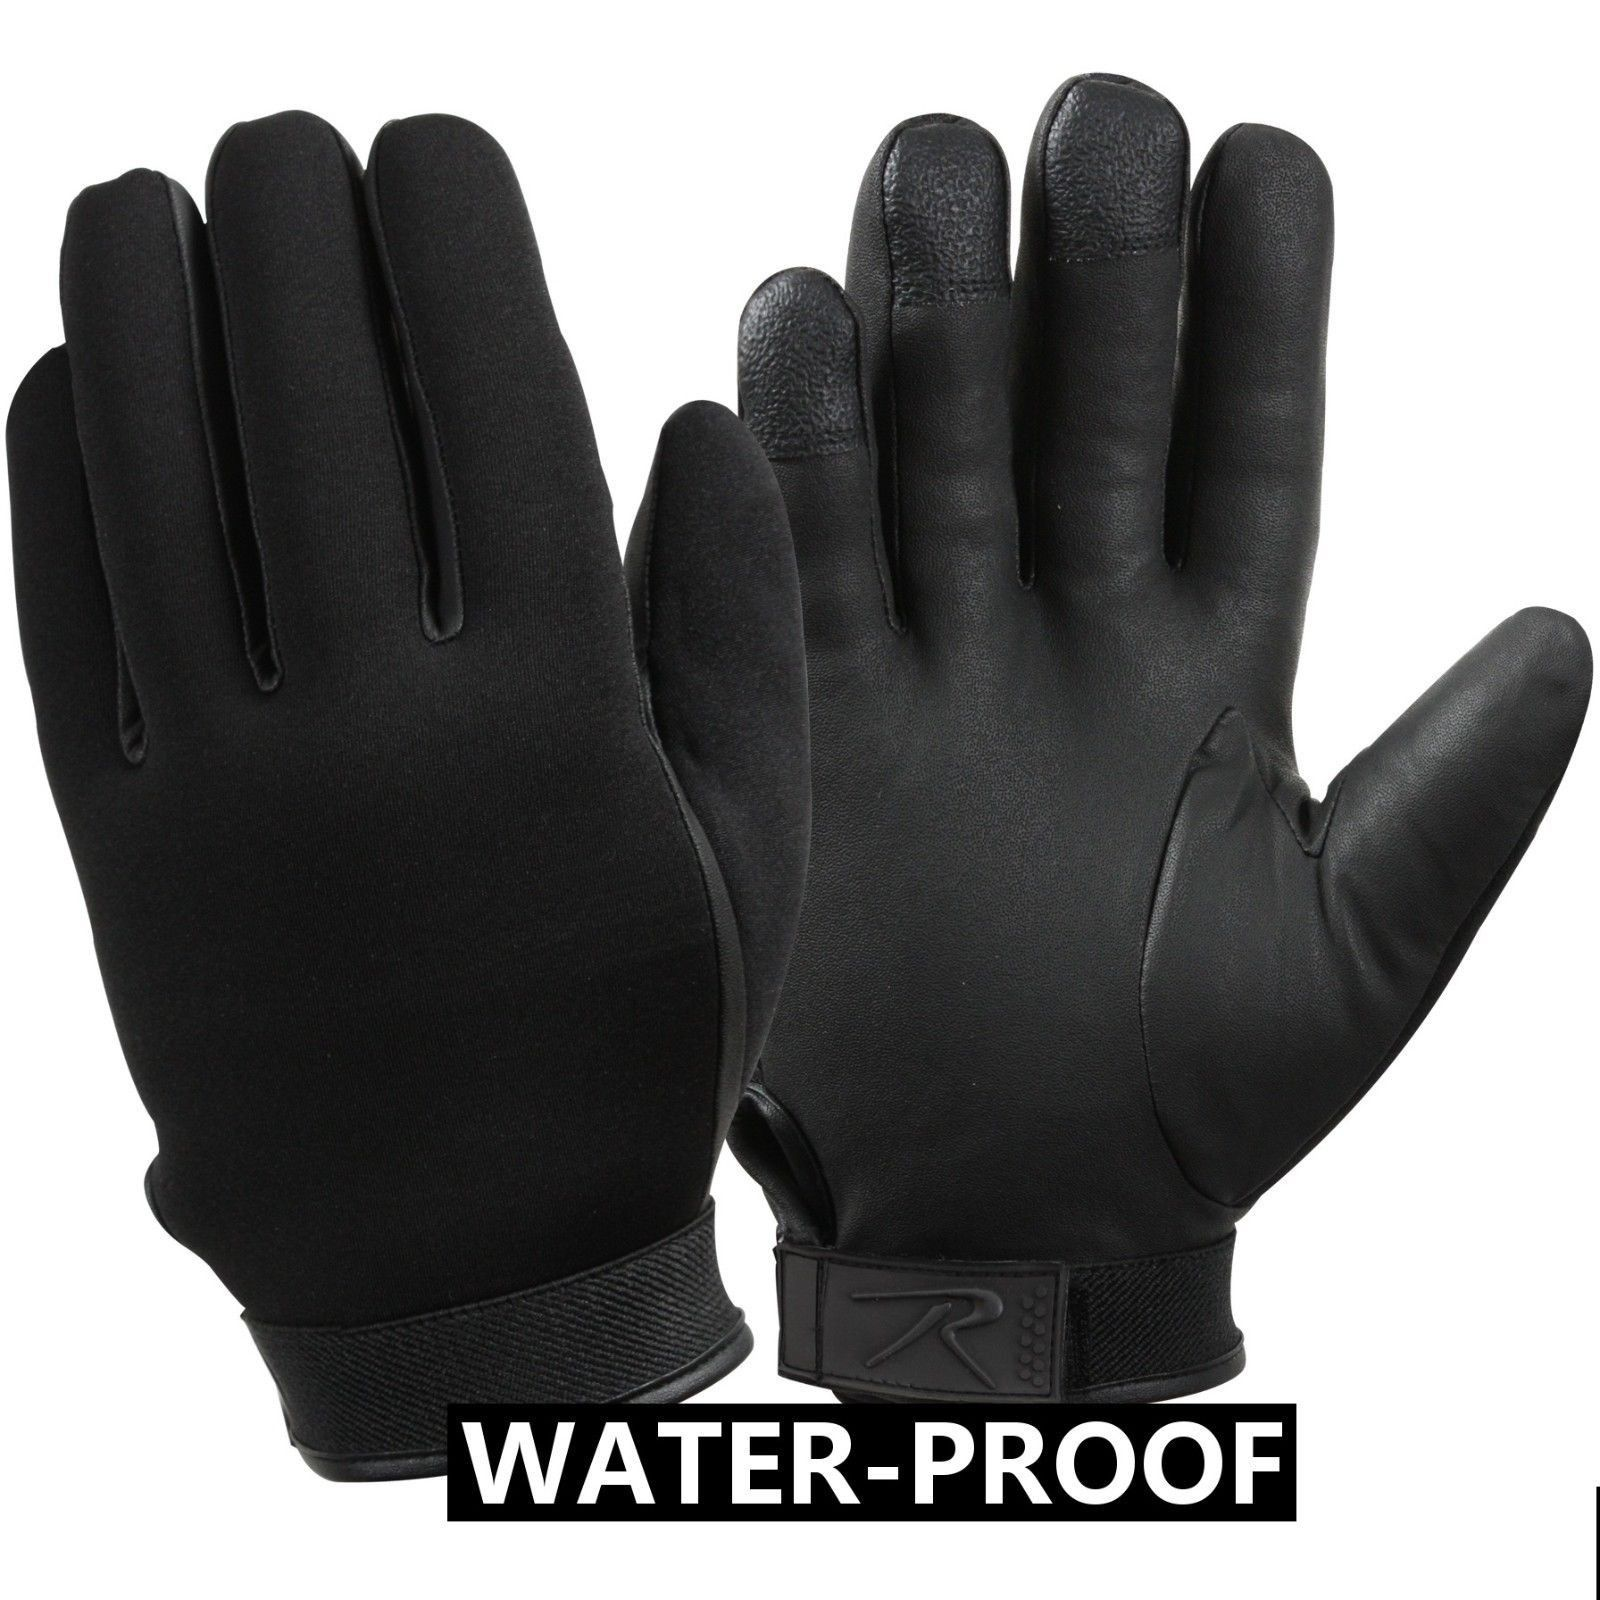 Black Biker//Cycling Stretch Gloves S-2XL Black Fingerless Neoprene Gloves